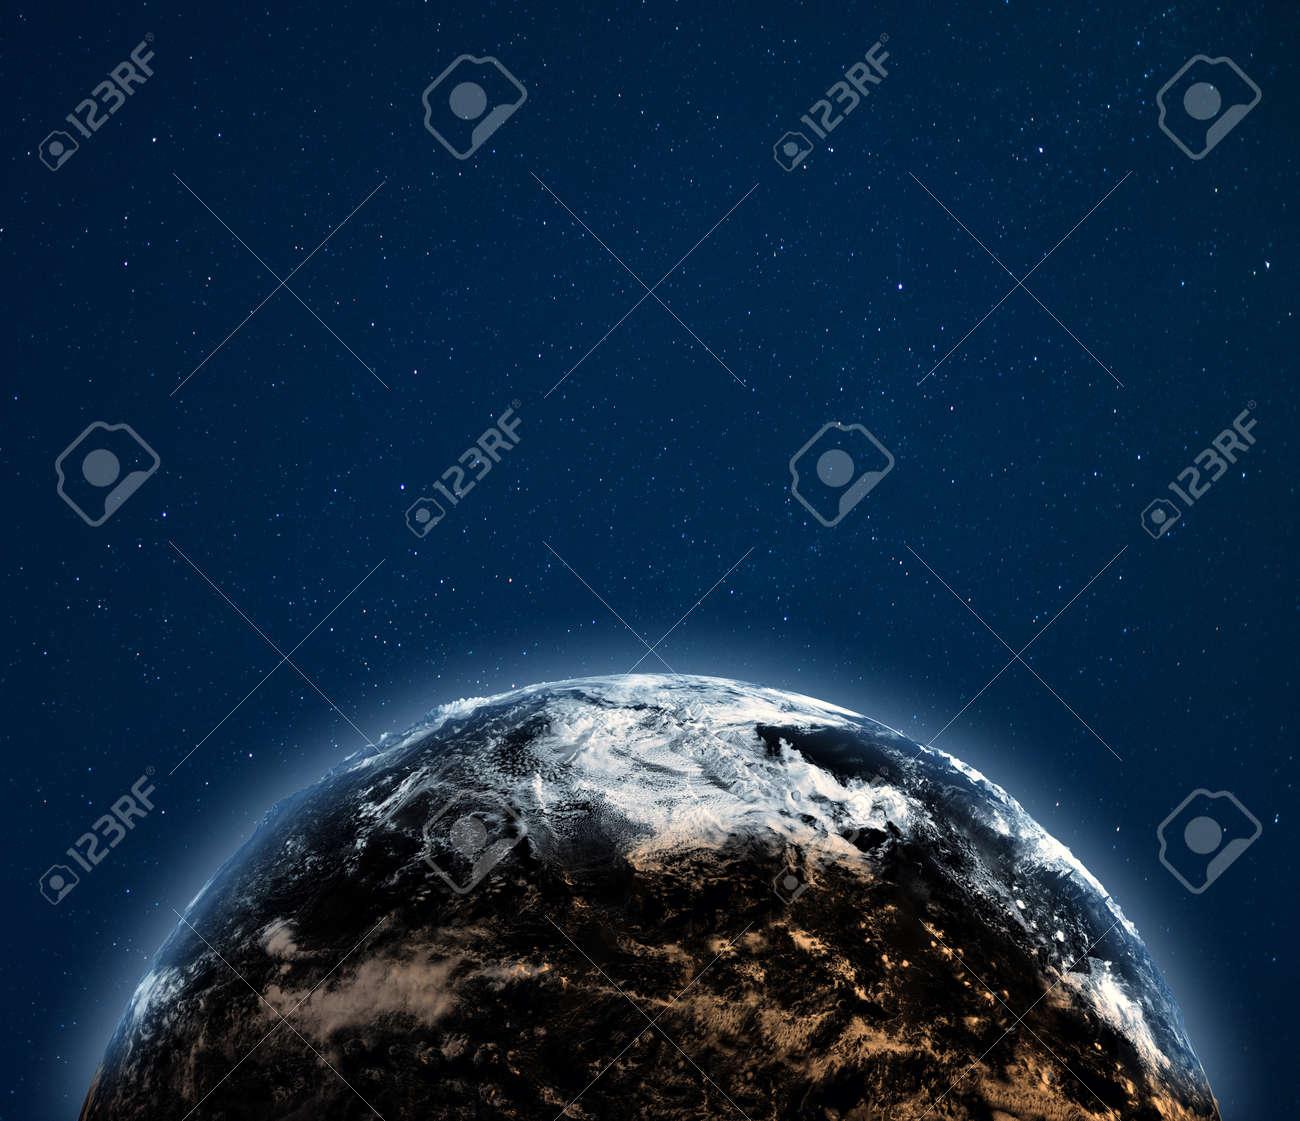 World globe weather background. - 121589566